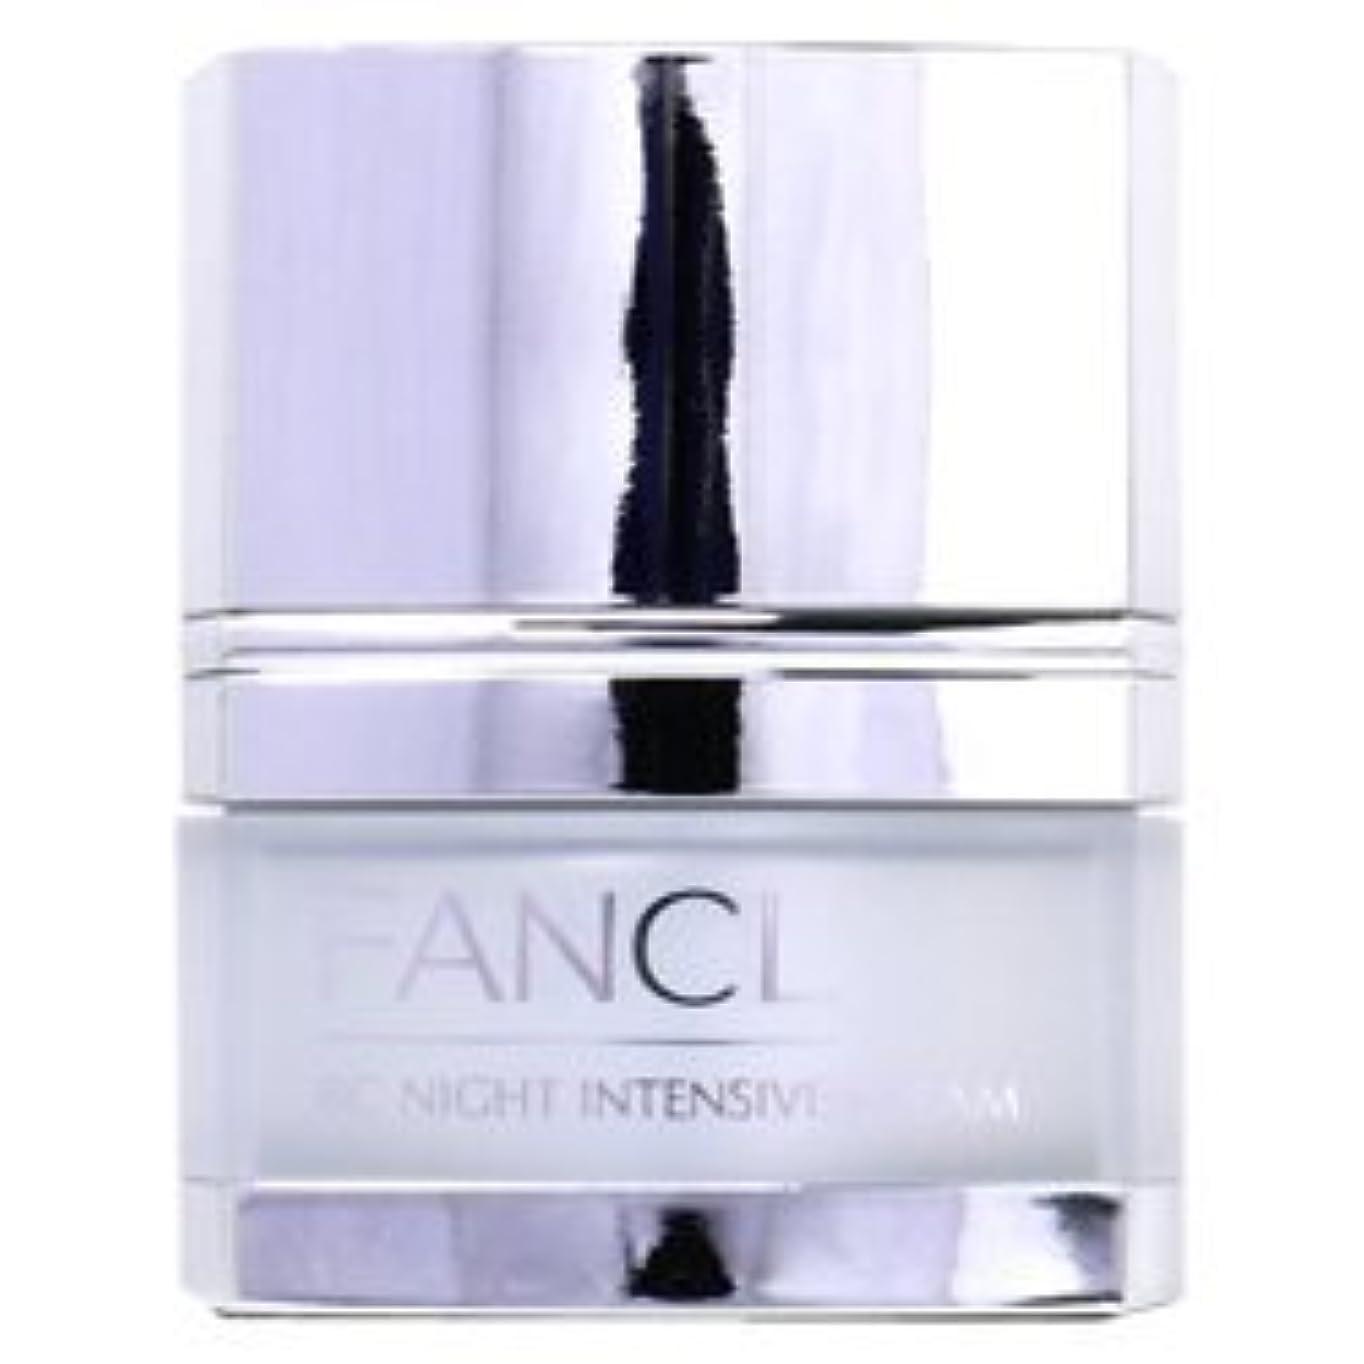 簡潔な鎮痛剤生むFANCL ファンケル BC ナイト インテンシヴ クリーム 20g